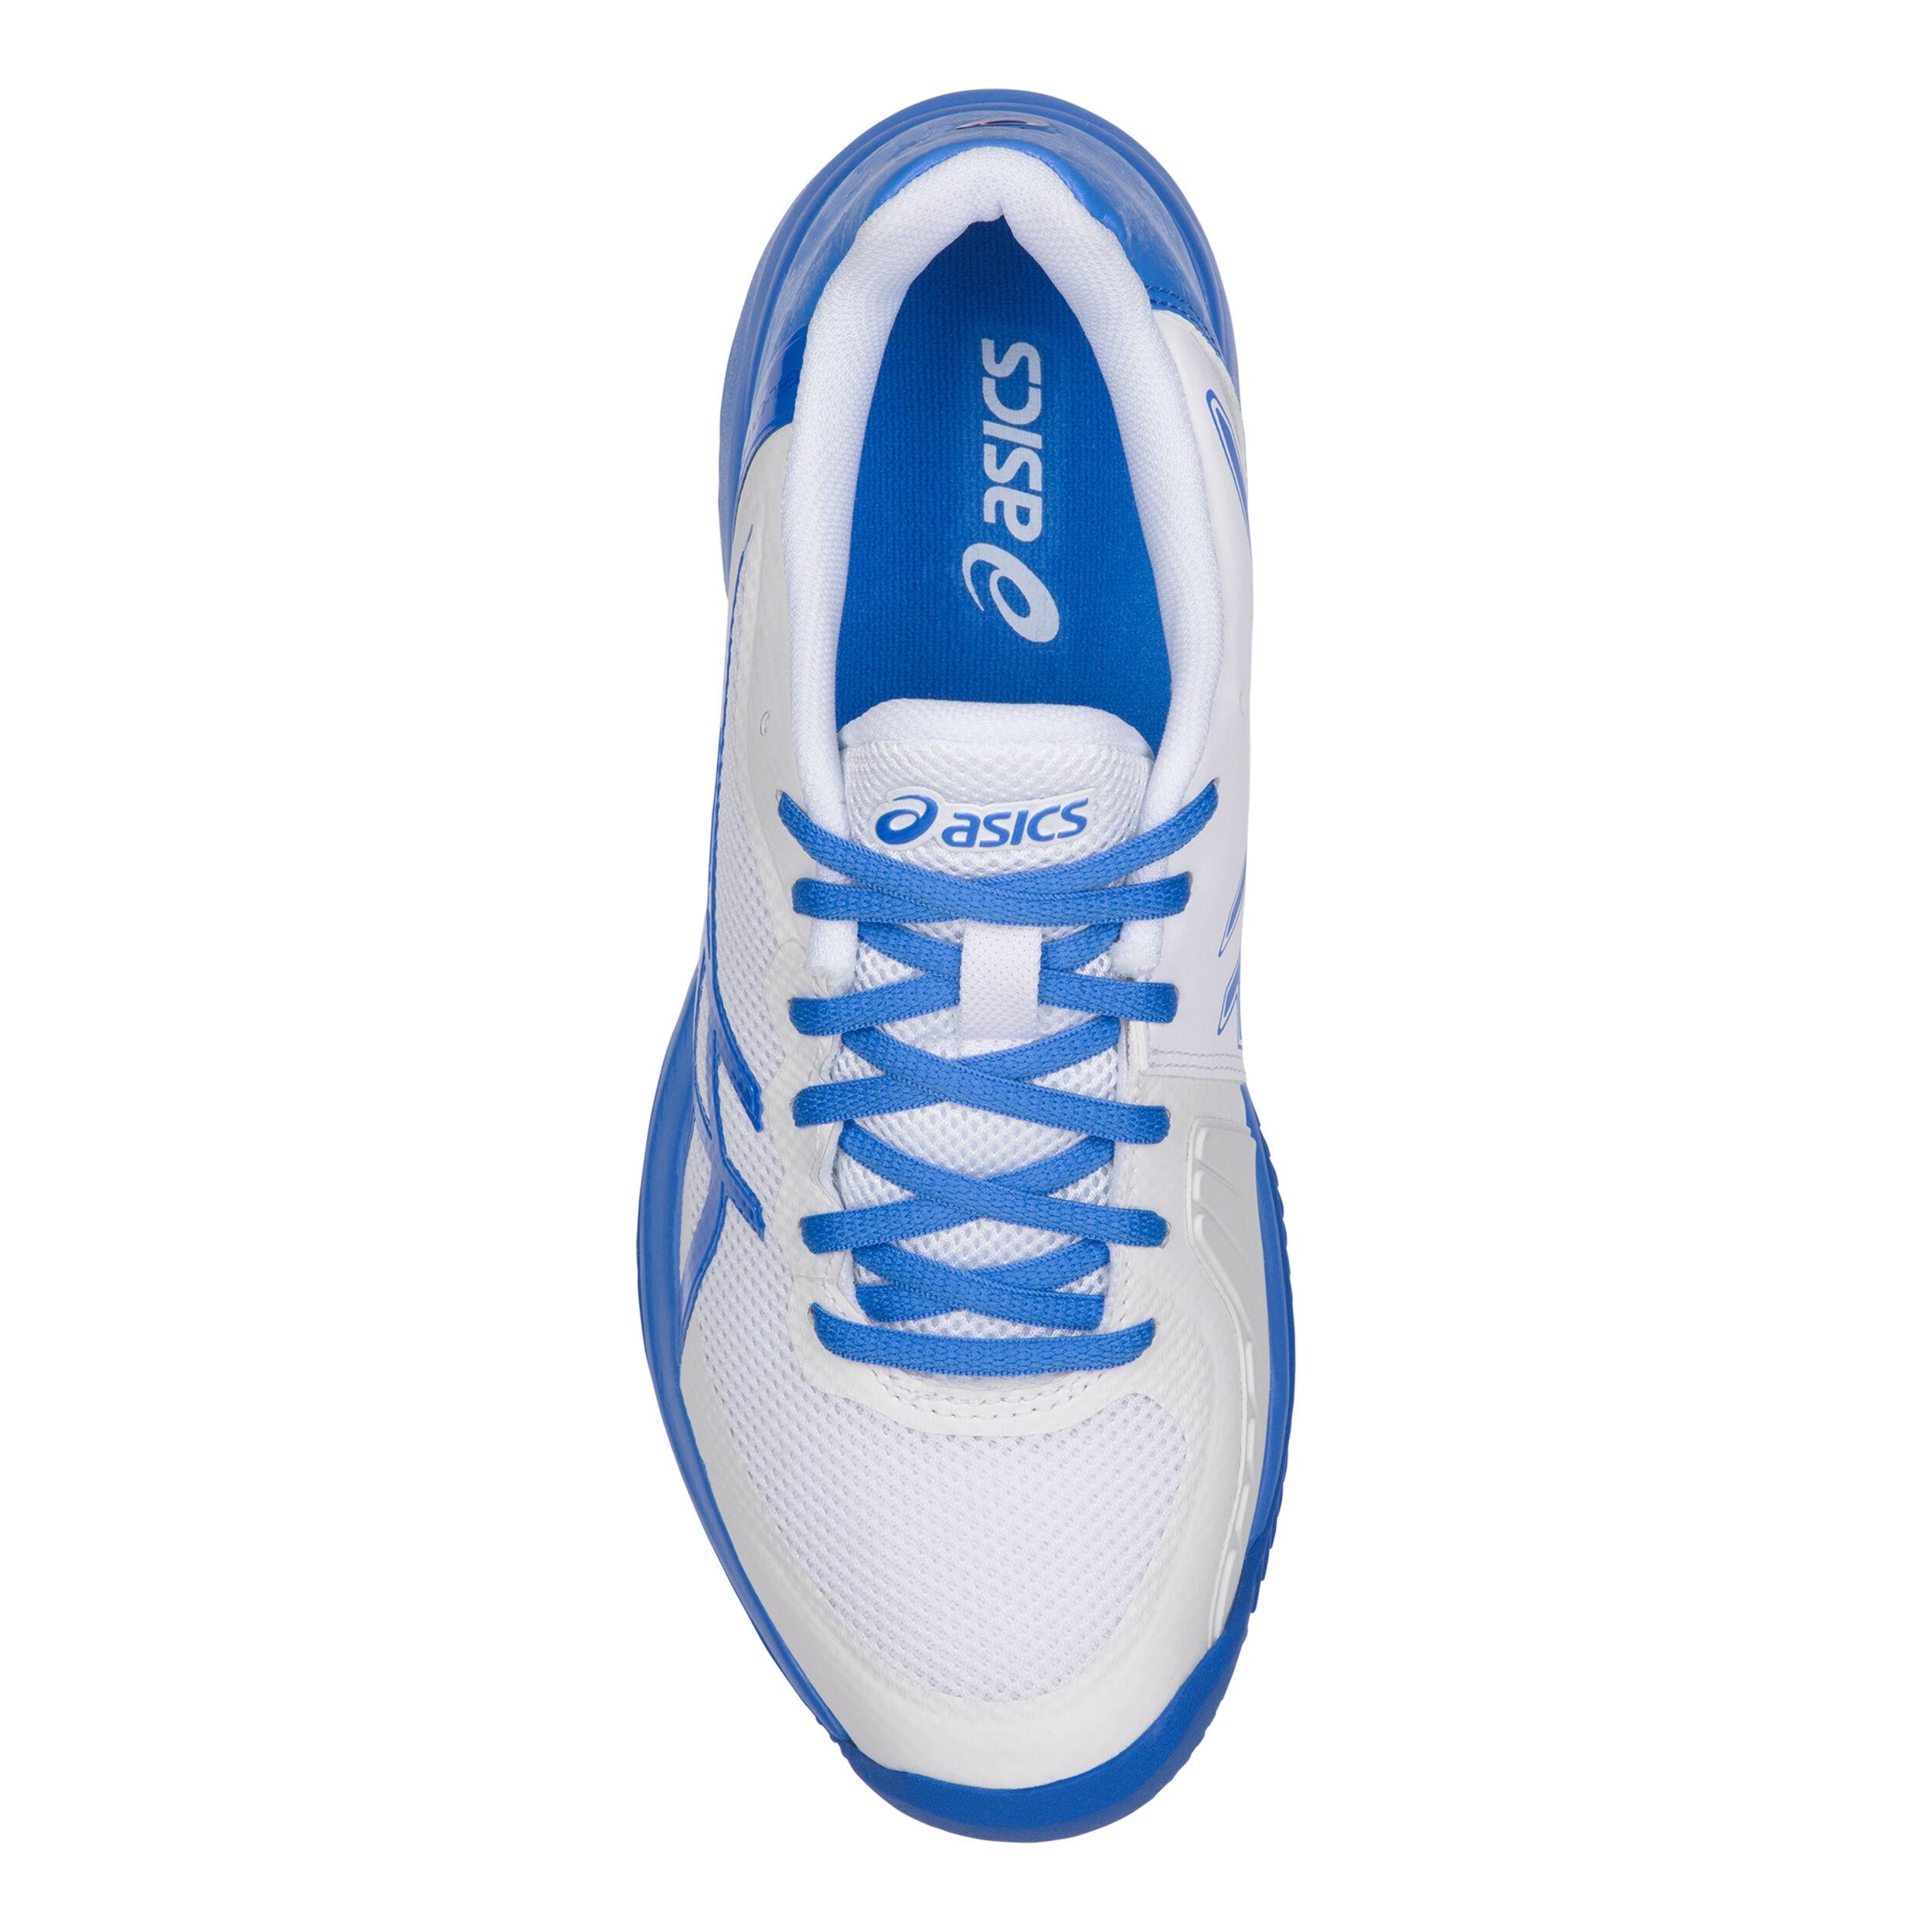 Asics Gel Court Speed Clay Sandplatzschuh Damen Weiß, Blau